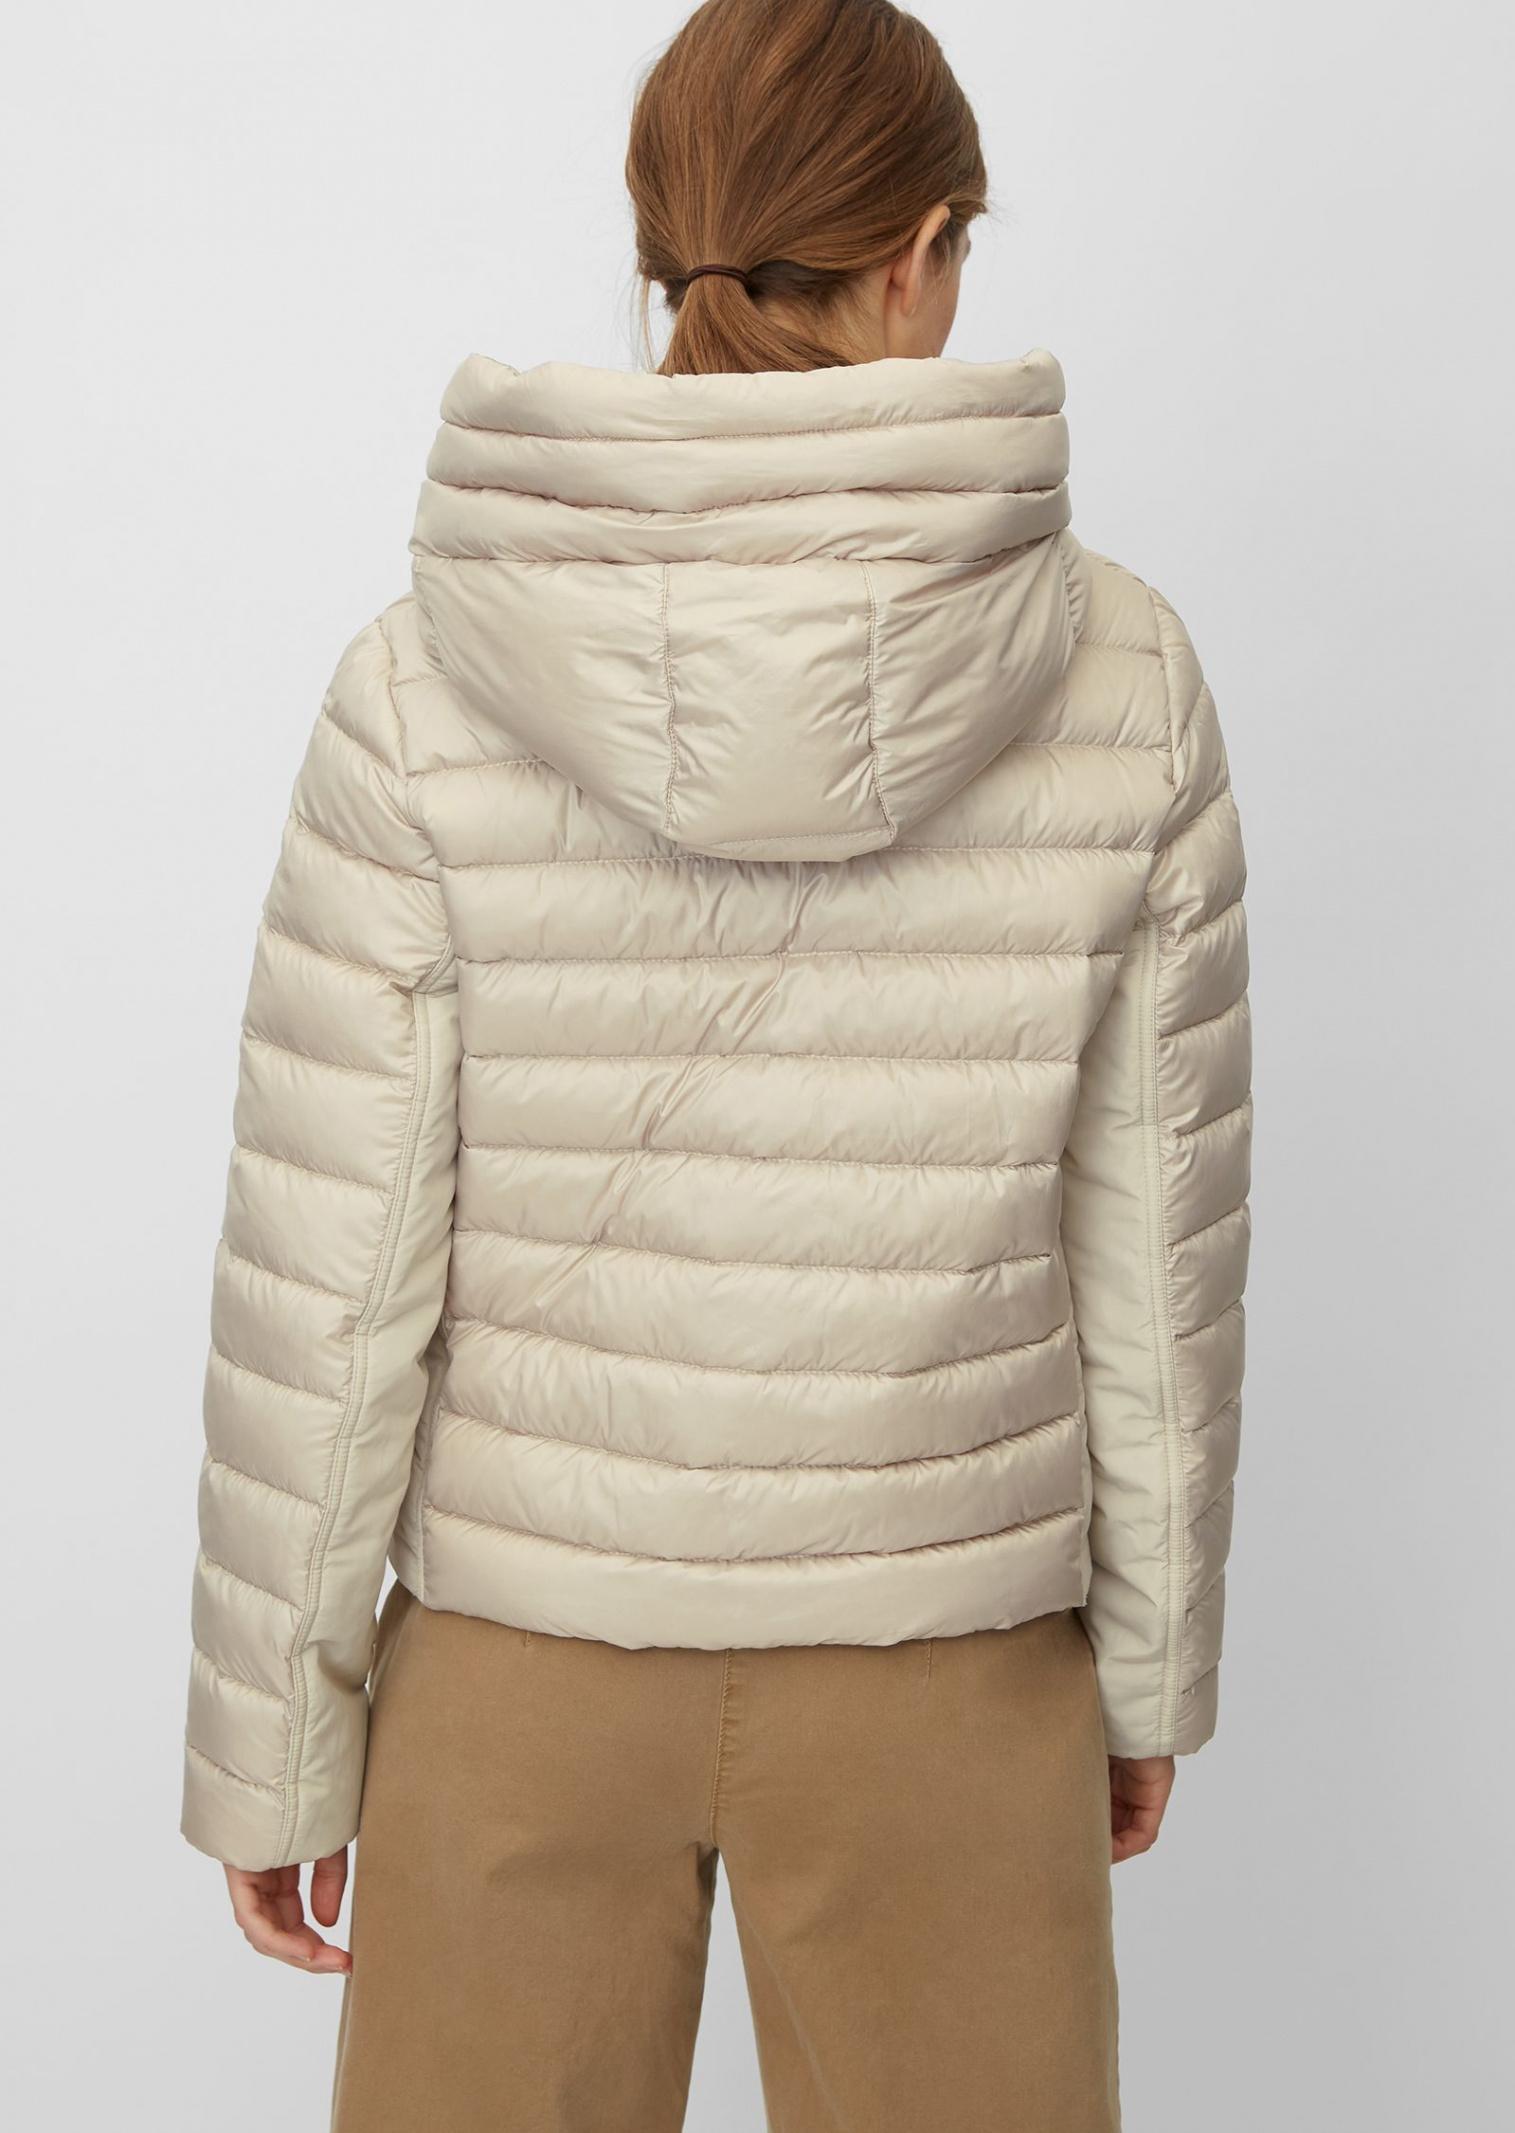 Куртка женские MARC O'POLO модель PD715 качество, 2017